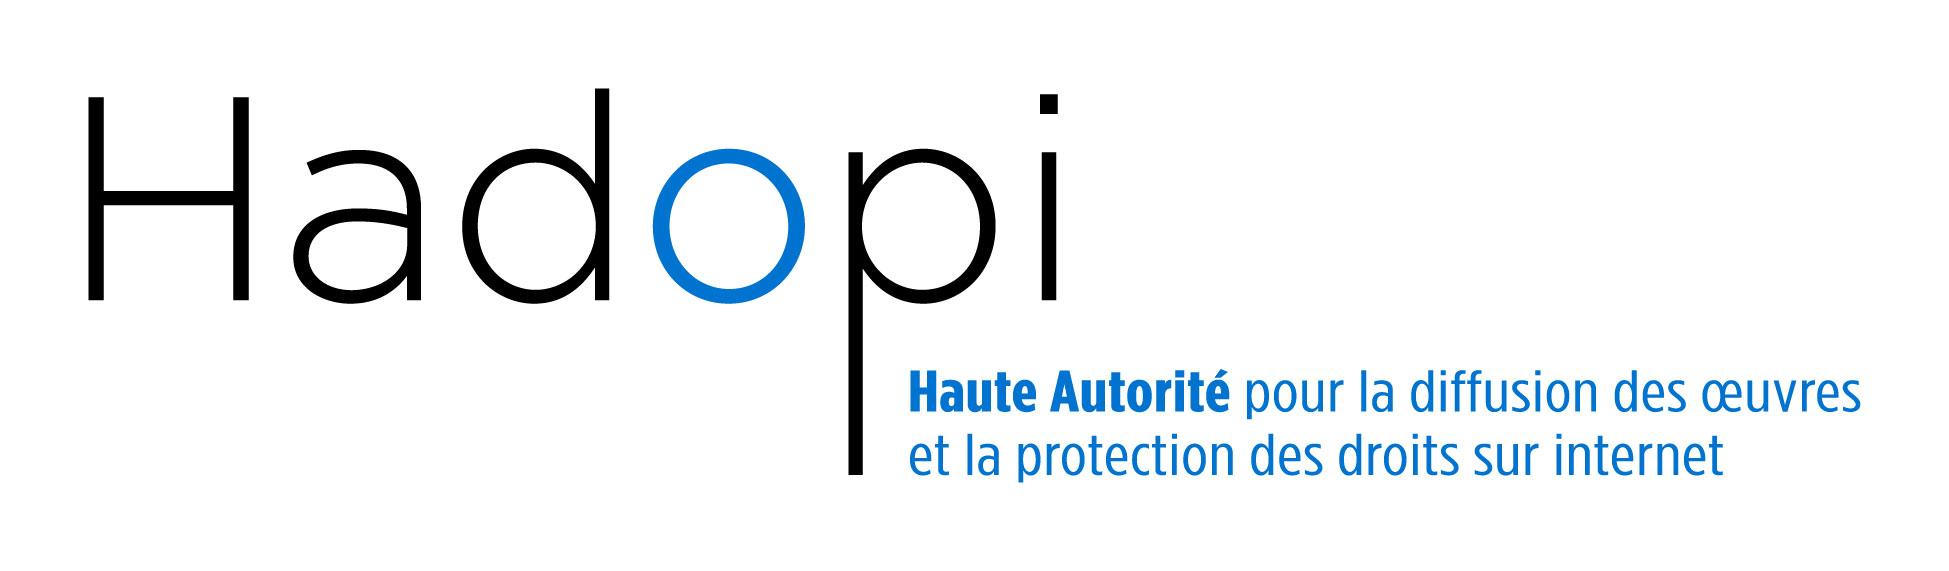 Hadopi : un budget de 9 millions d'euros pour 2019